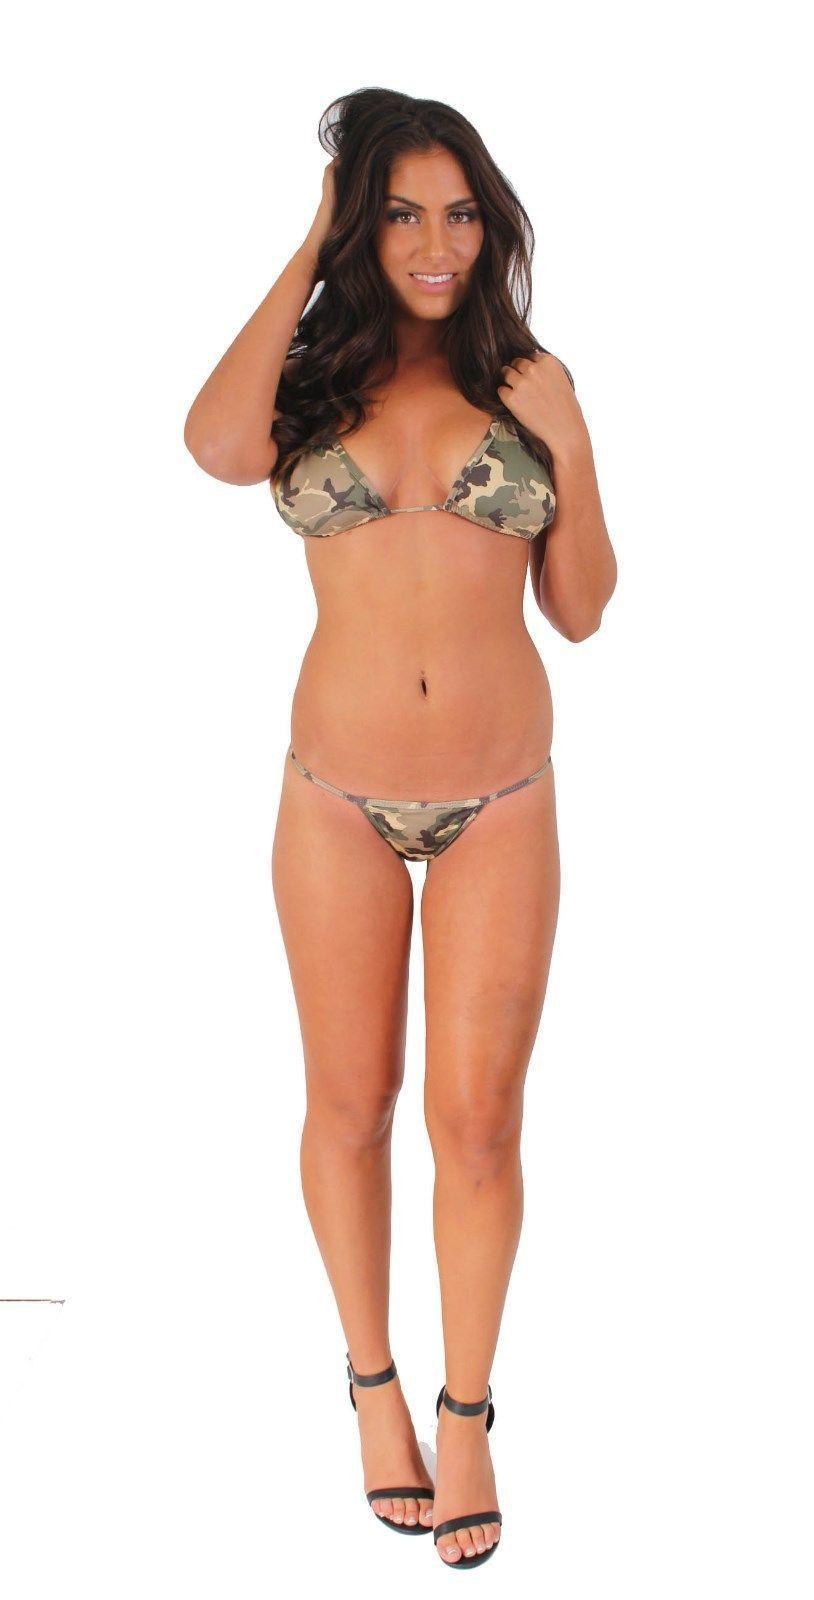 flashing-sexy-army-bikini-girl-nude